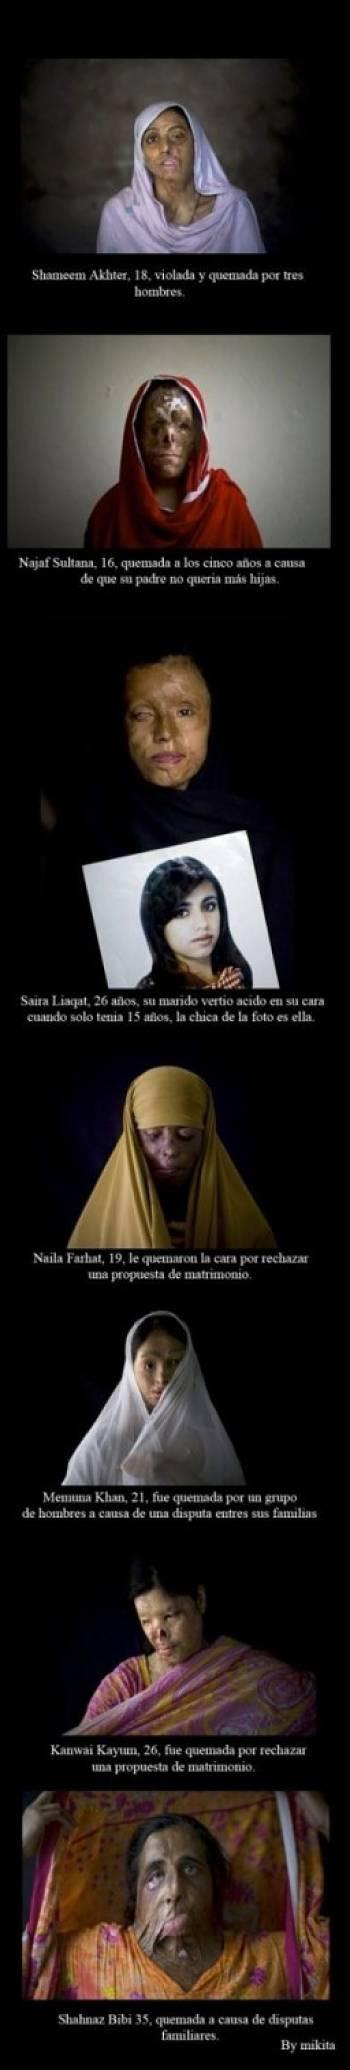 Noticias criminología. Imágenes de violencia contra mujeres en el siglo XXI. Marisol Collazos Soto